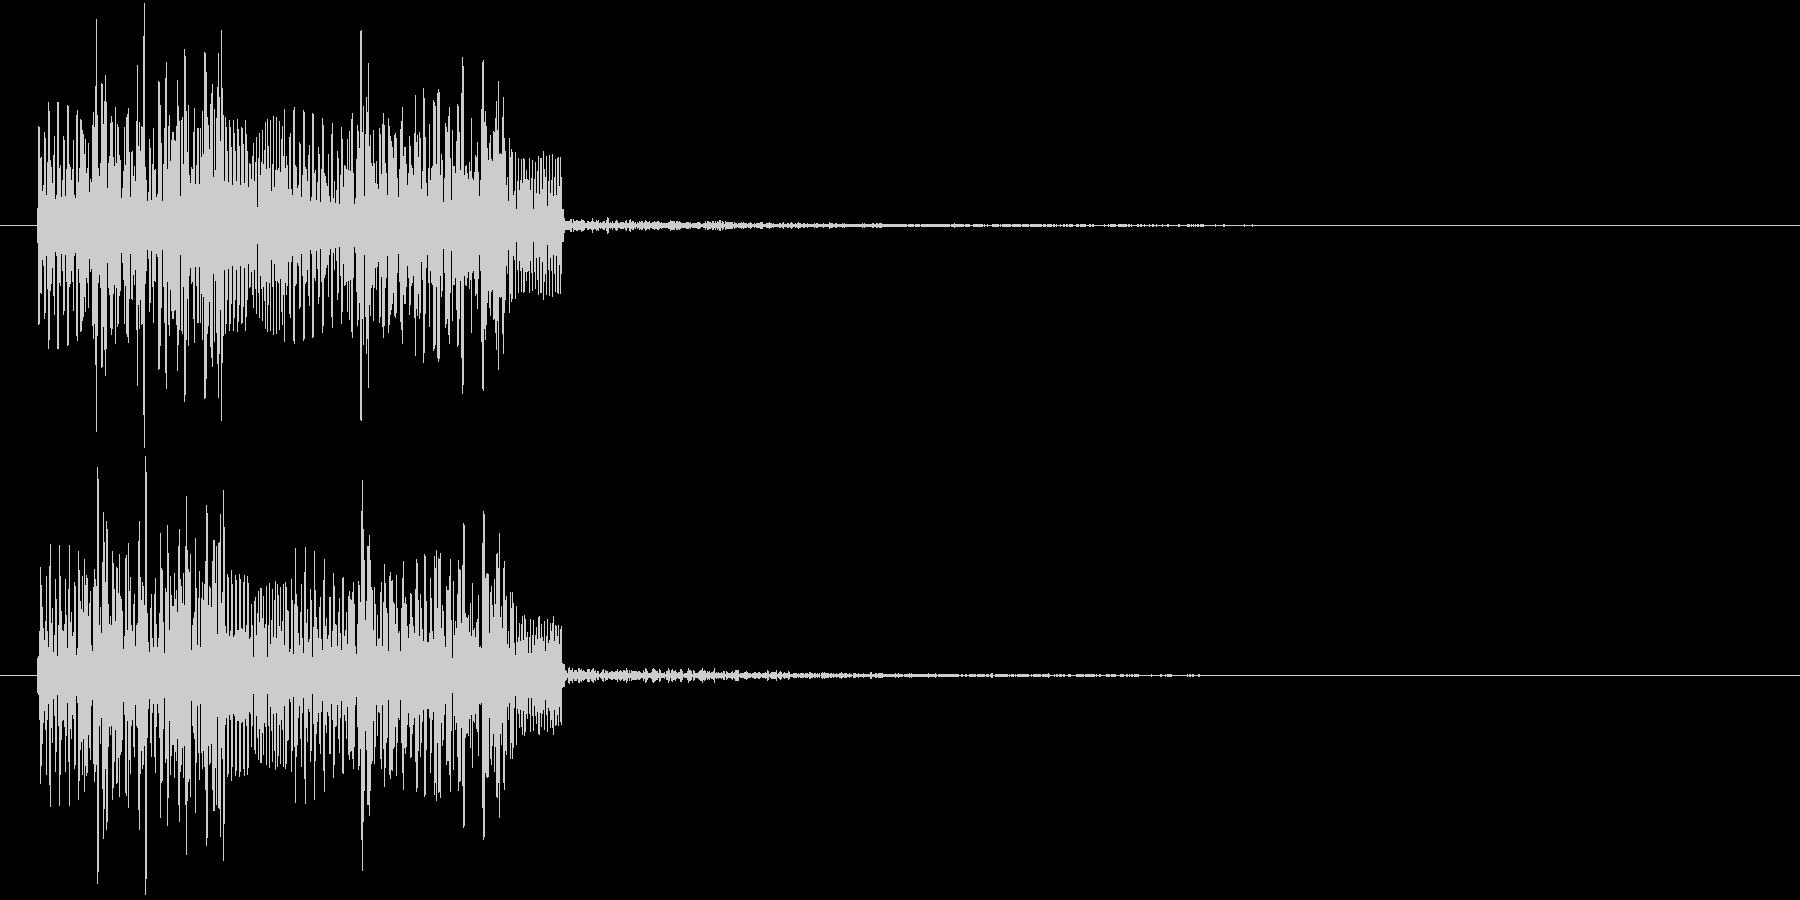 パワーダウン等 ネガティブな音の未再生の波形